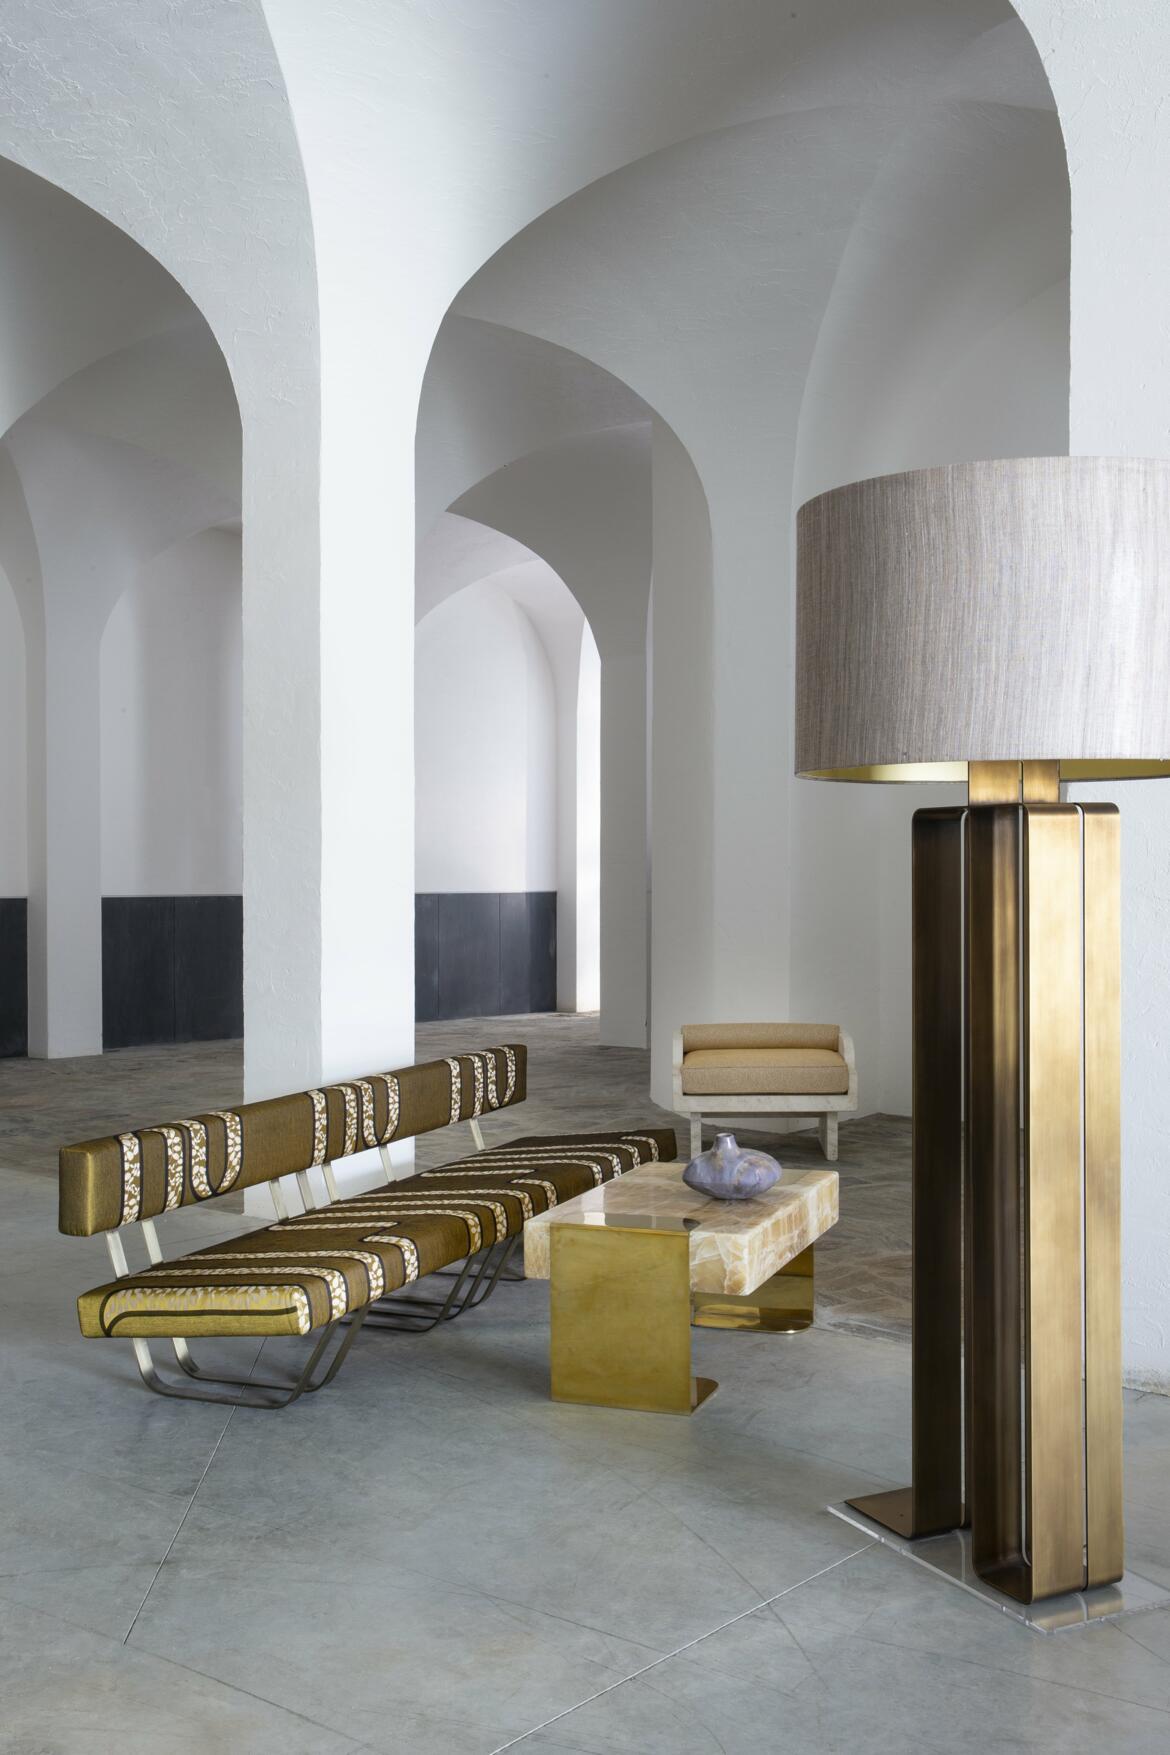 Lutetia, Équilibre, Météorite   Design Dimorestudio, Thierry Lemaire, Stéphane Parmentier © Jean-Marc Palisse